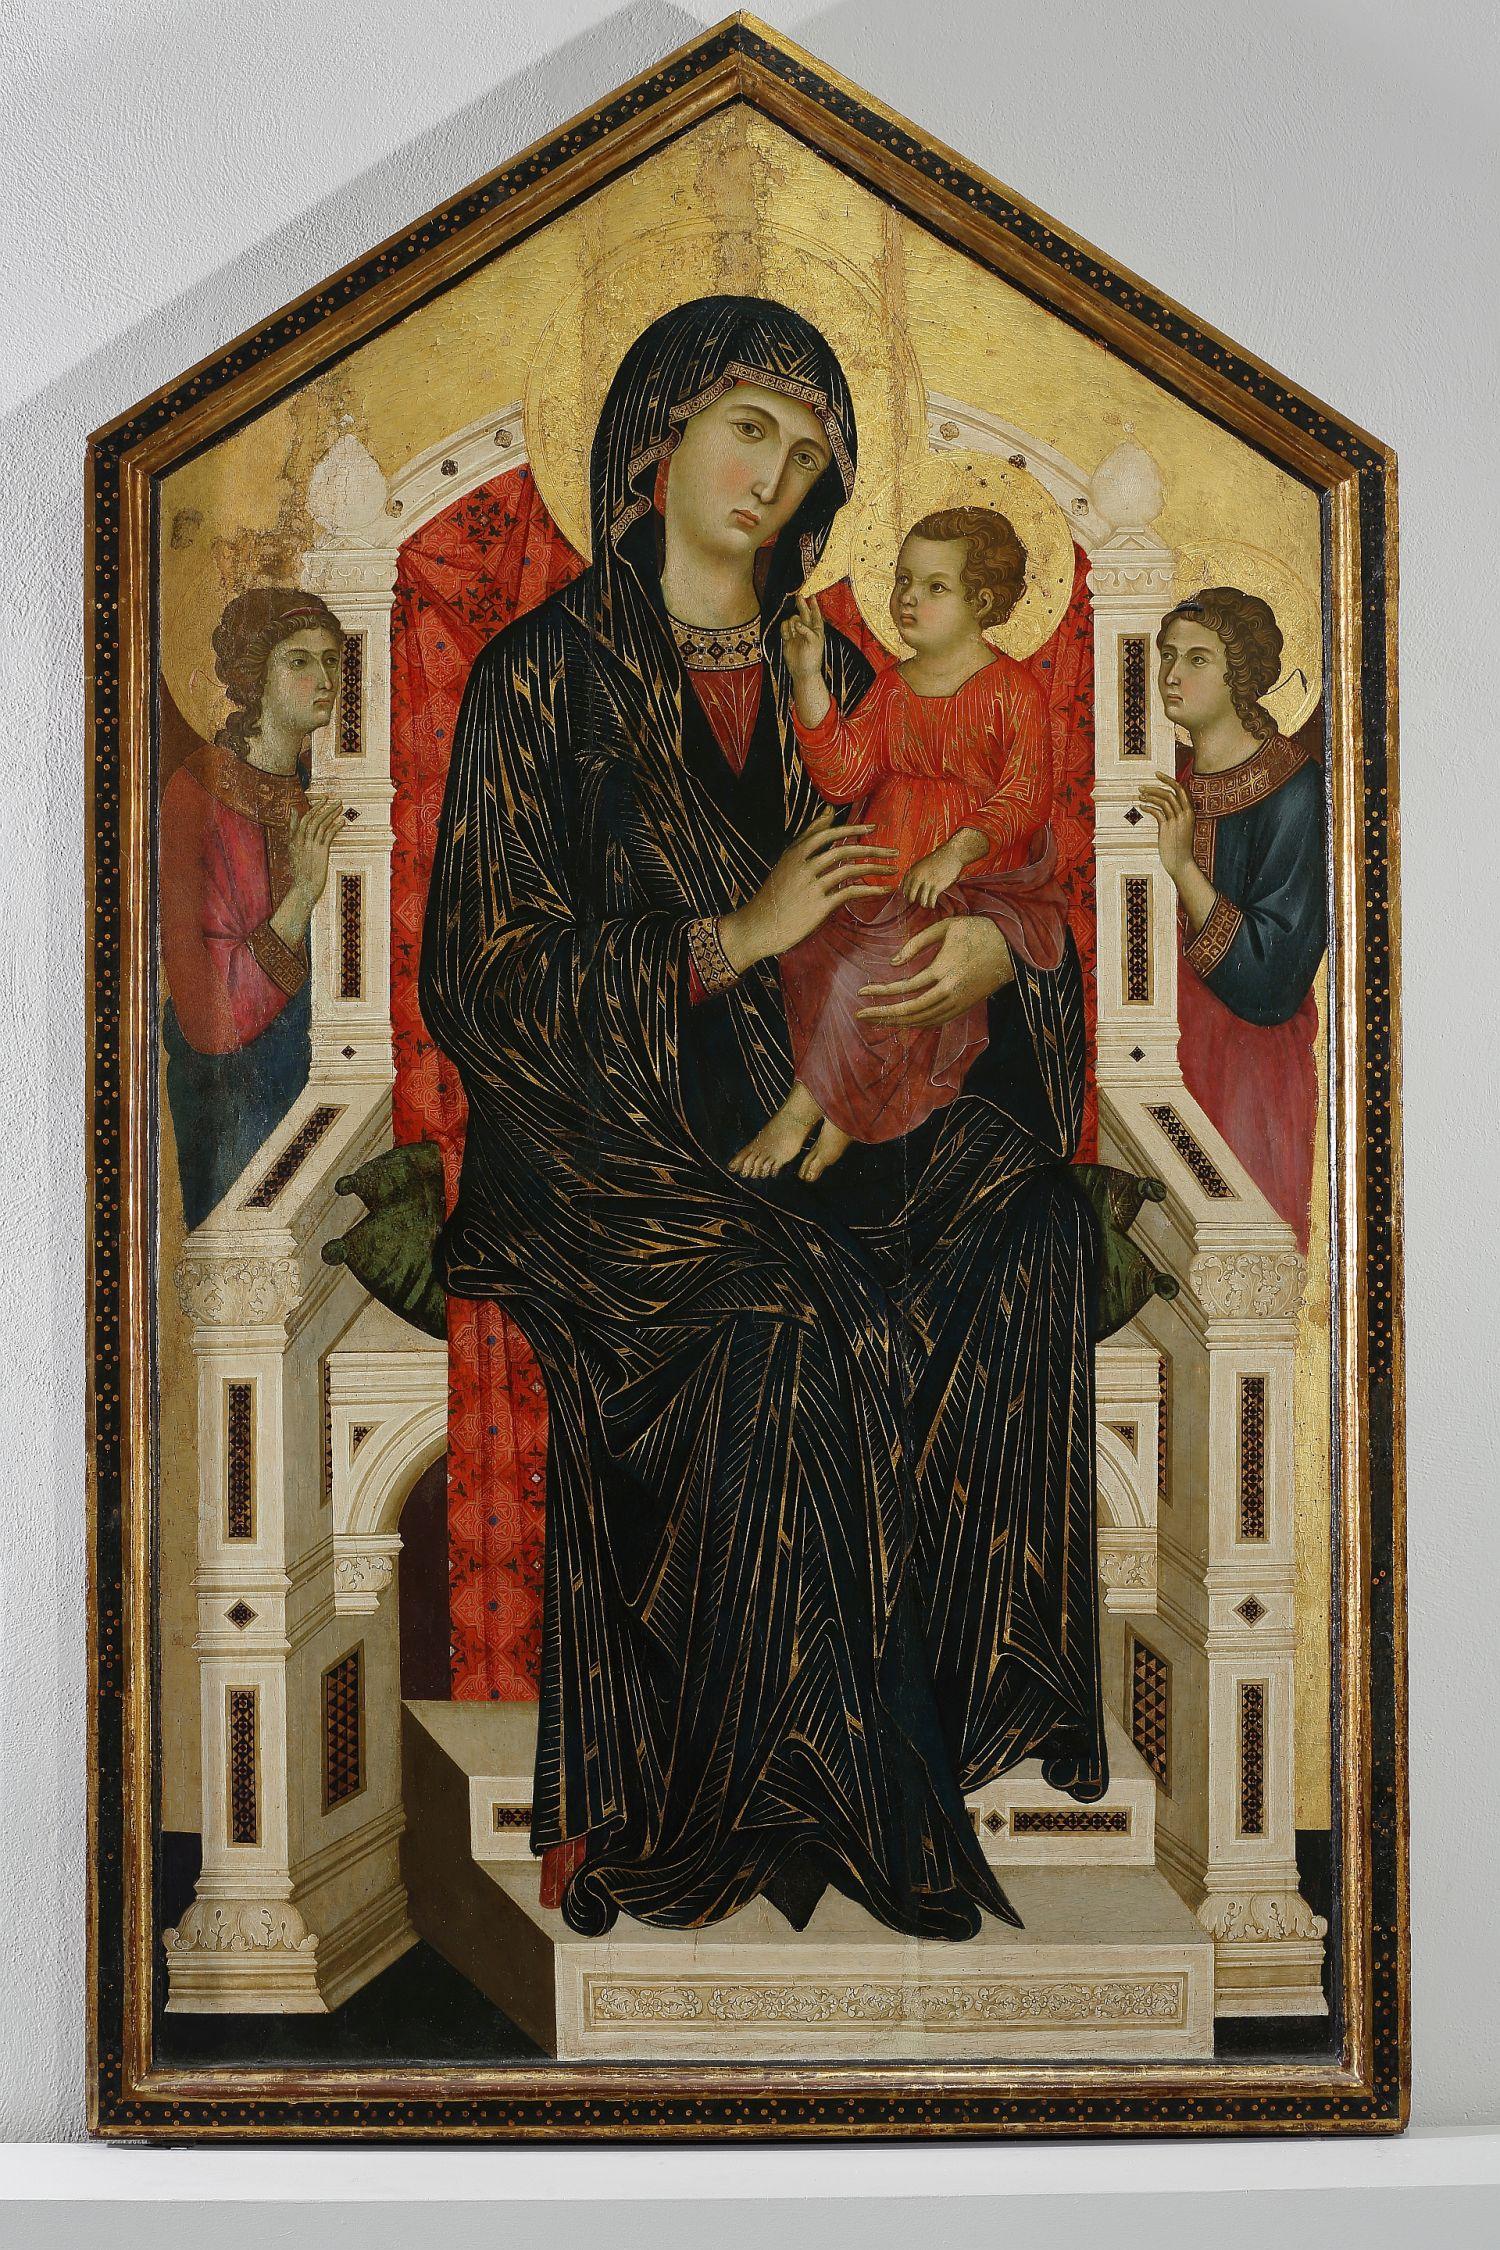 Maestro di Badia a Isola, Madonna in trono col Bambino, fine XIII secolo, collocazione Museo Diocesano